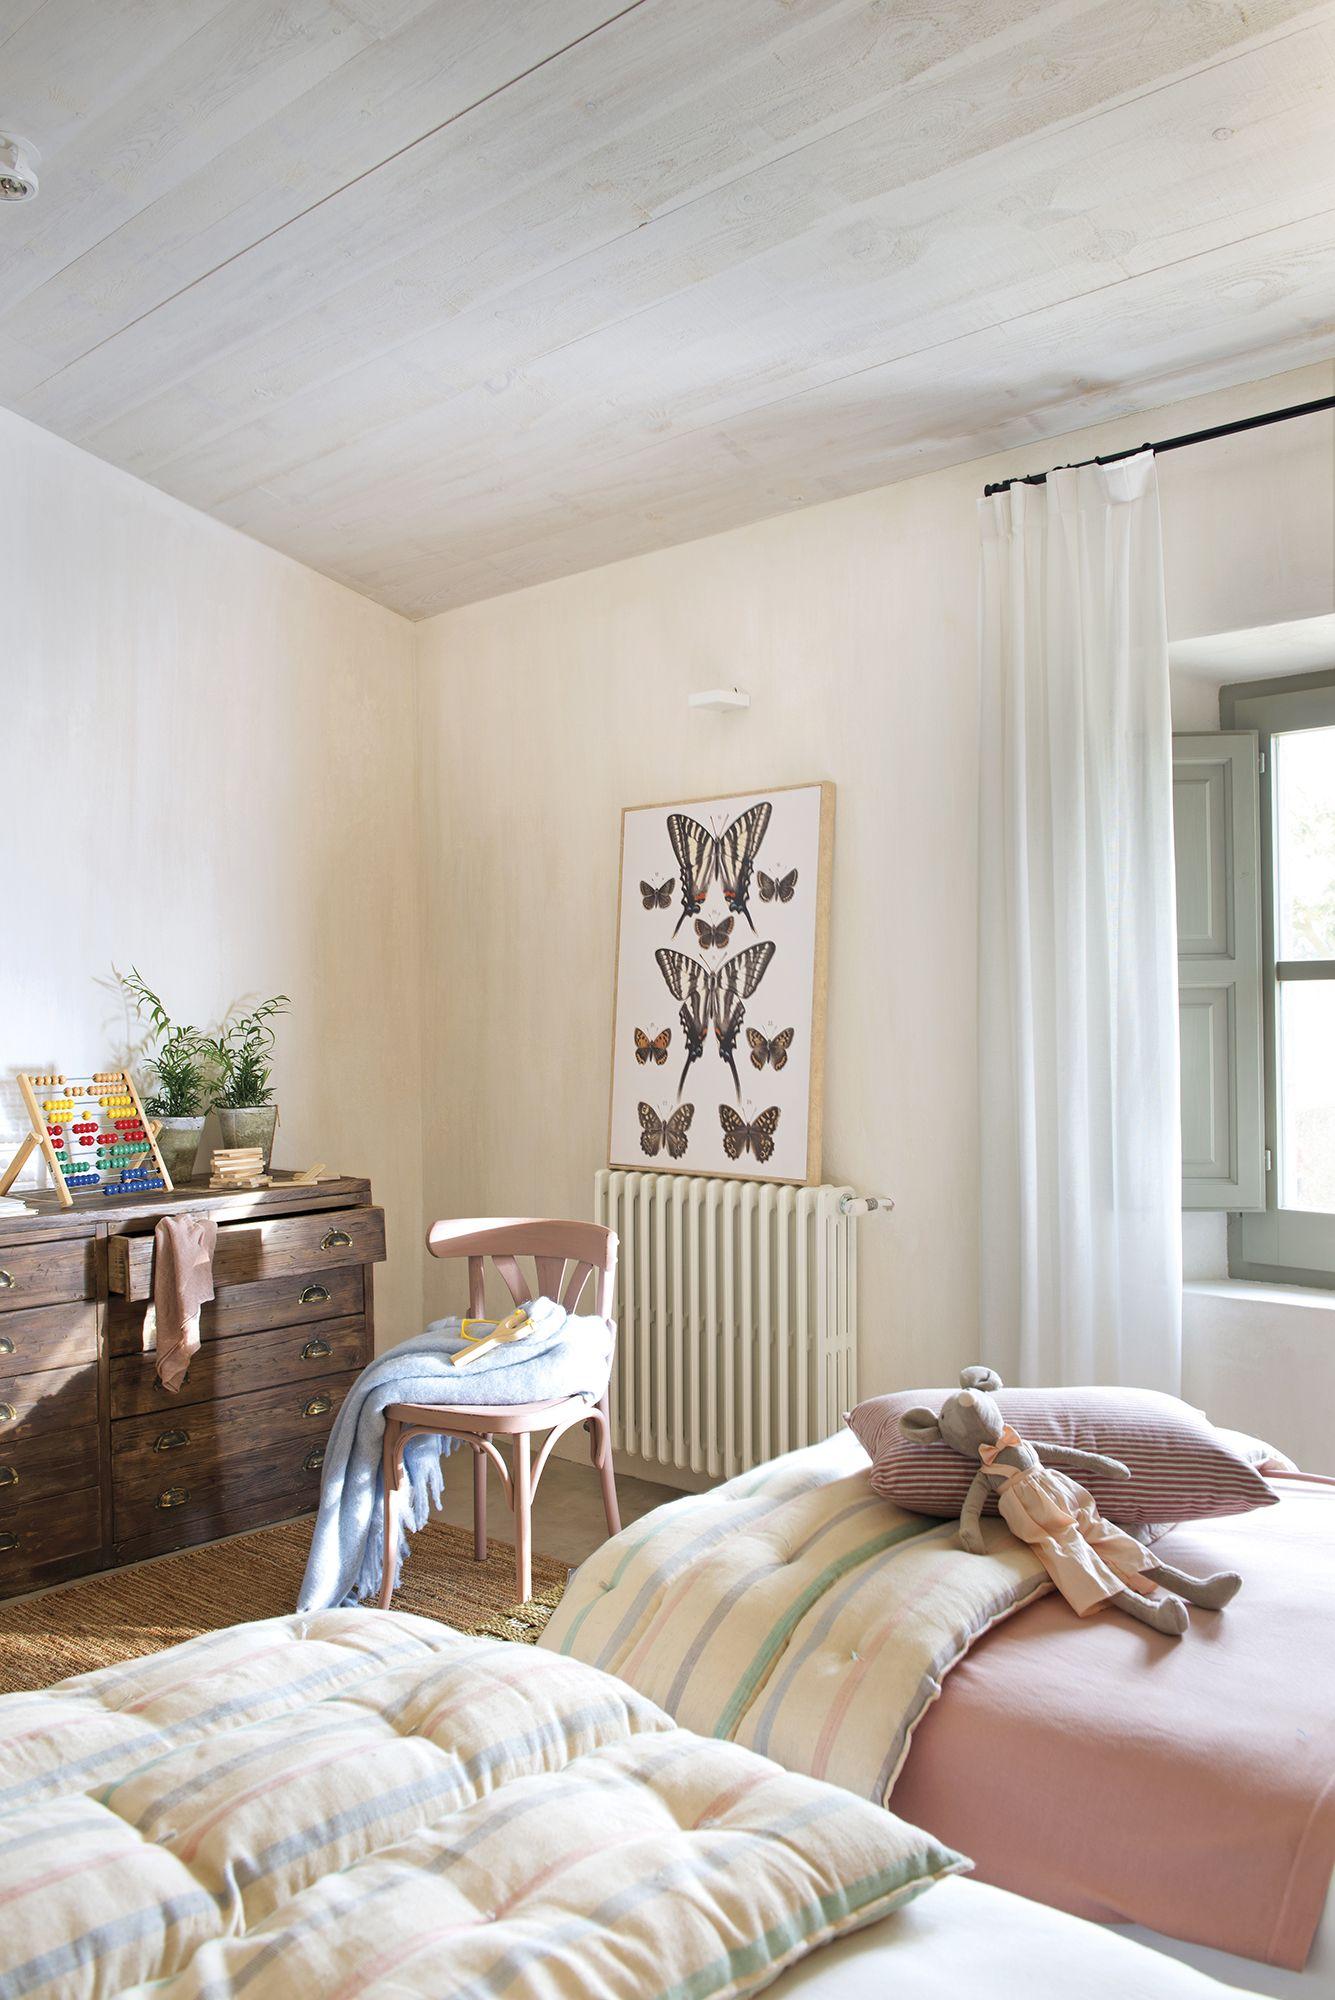 Cabecero de madera y taburetes como mesita de noche en el dormitorio ...